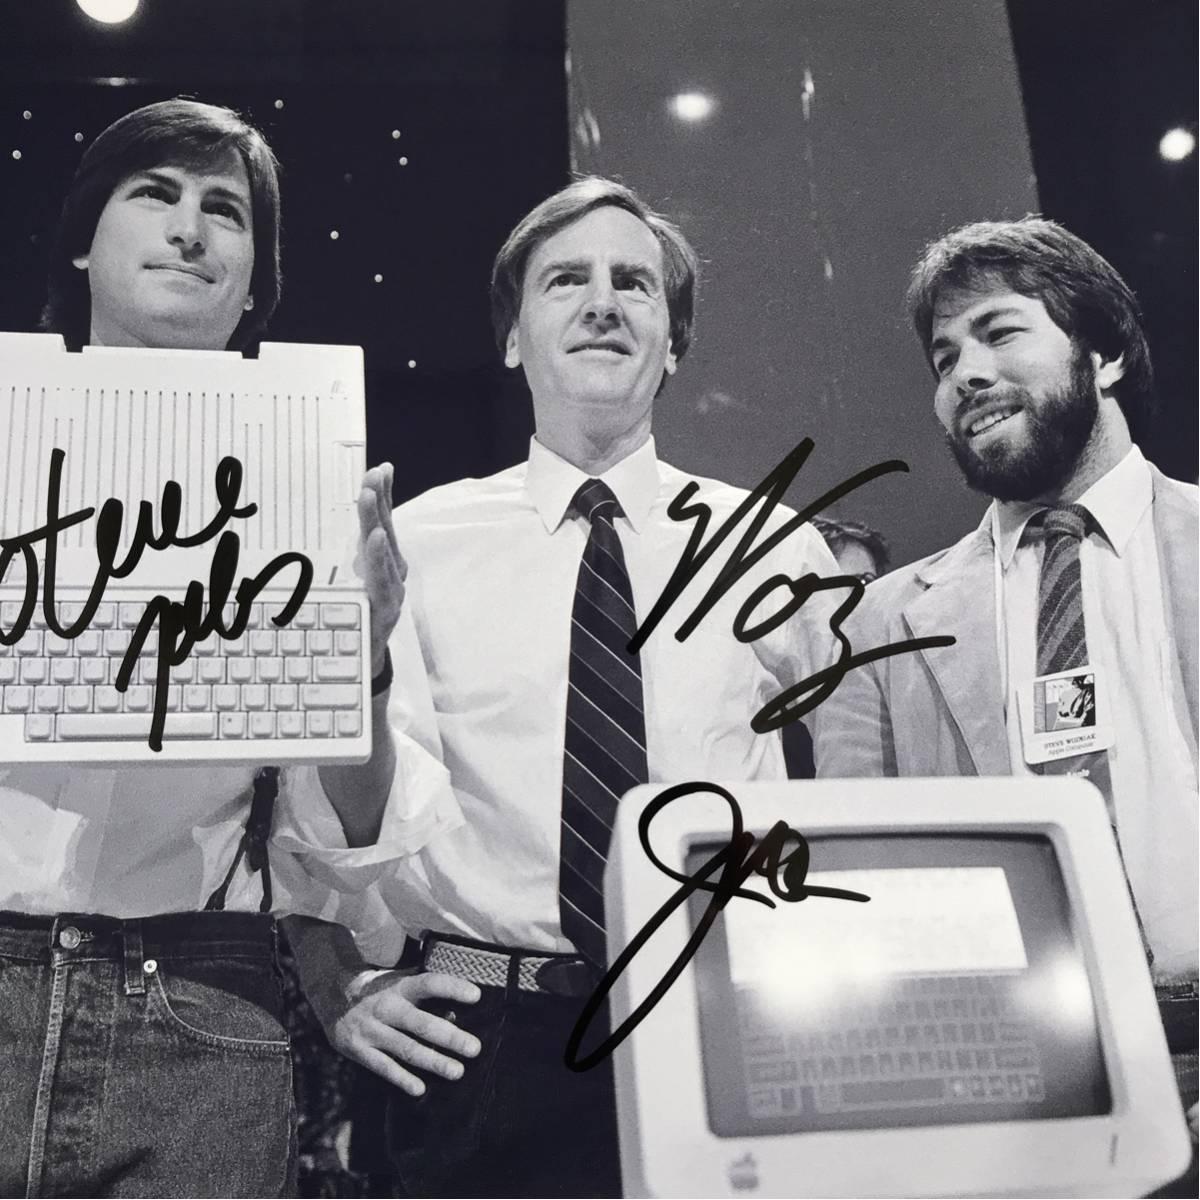 スティーブ・ジョブズ、ジョン・スカリー、スティーブ・ウォズニアック直筆サイン入り写真